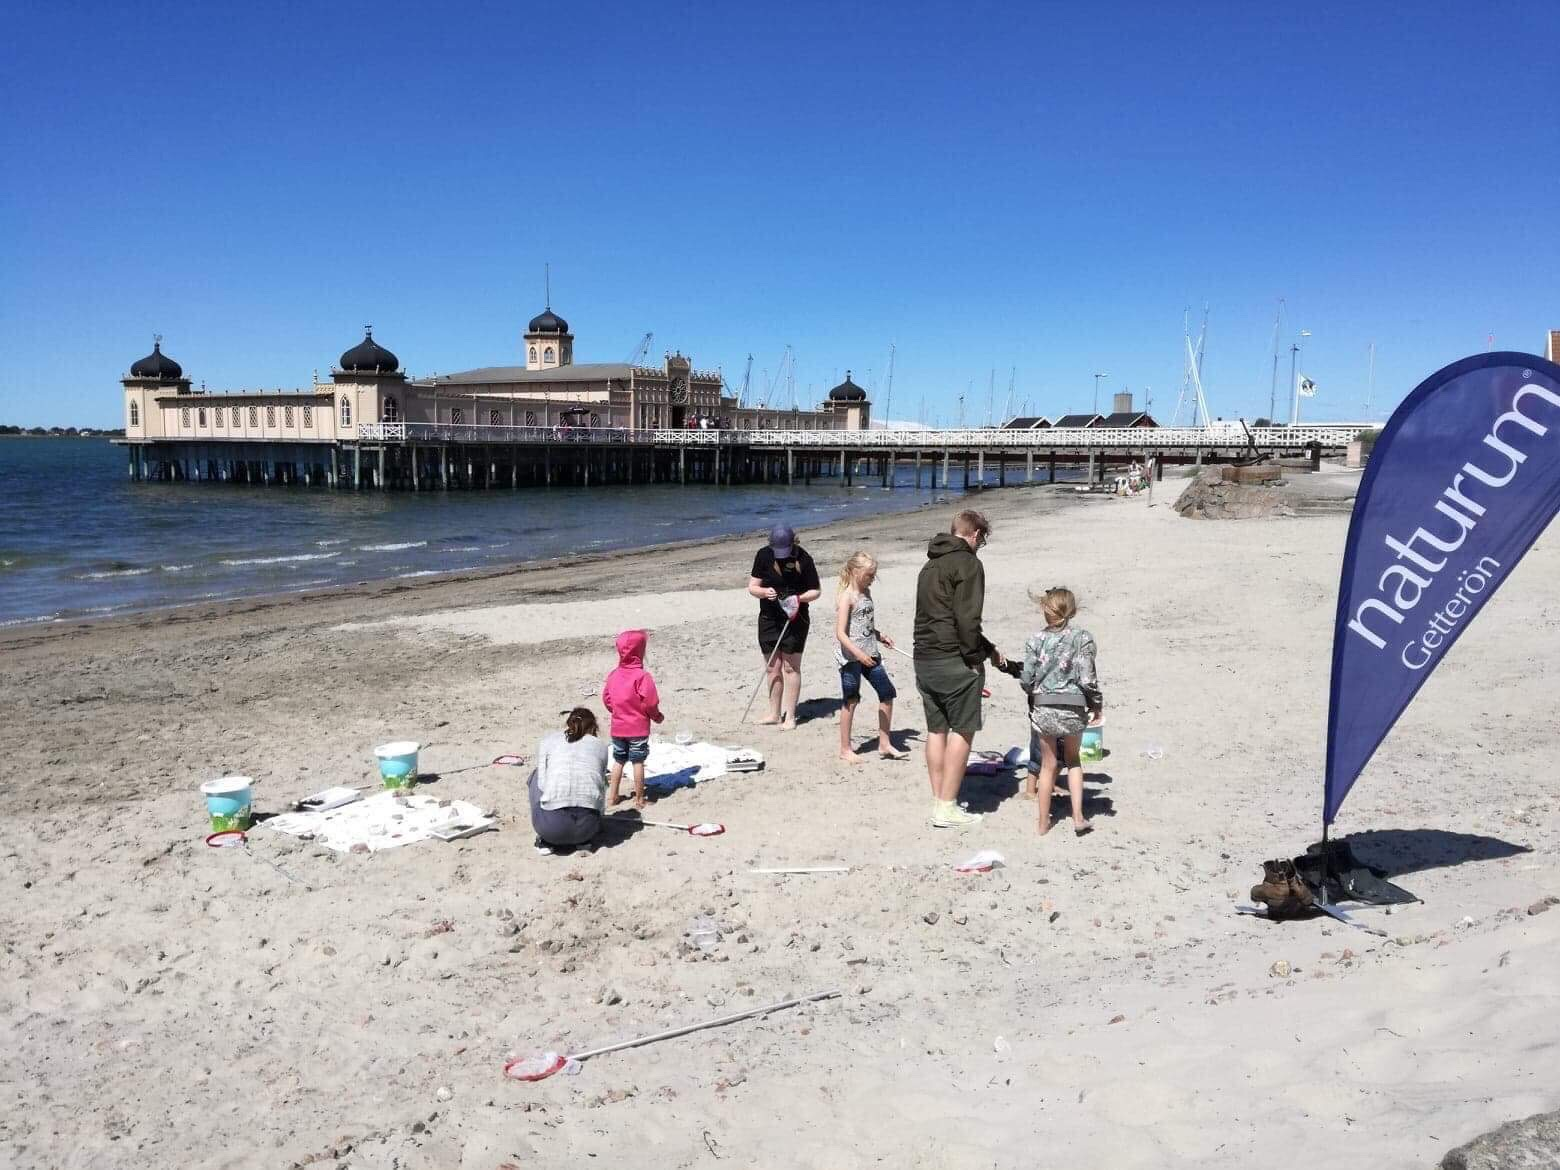 Strandguidningar